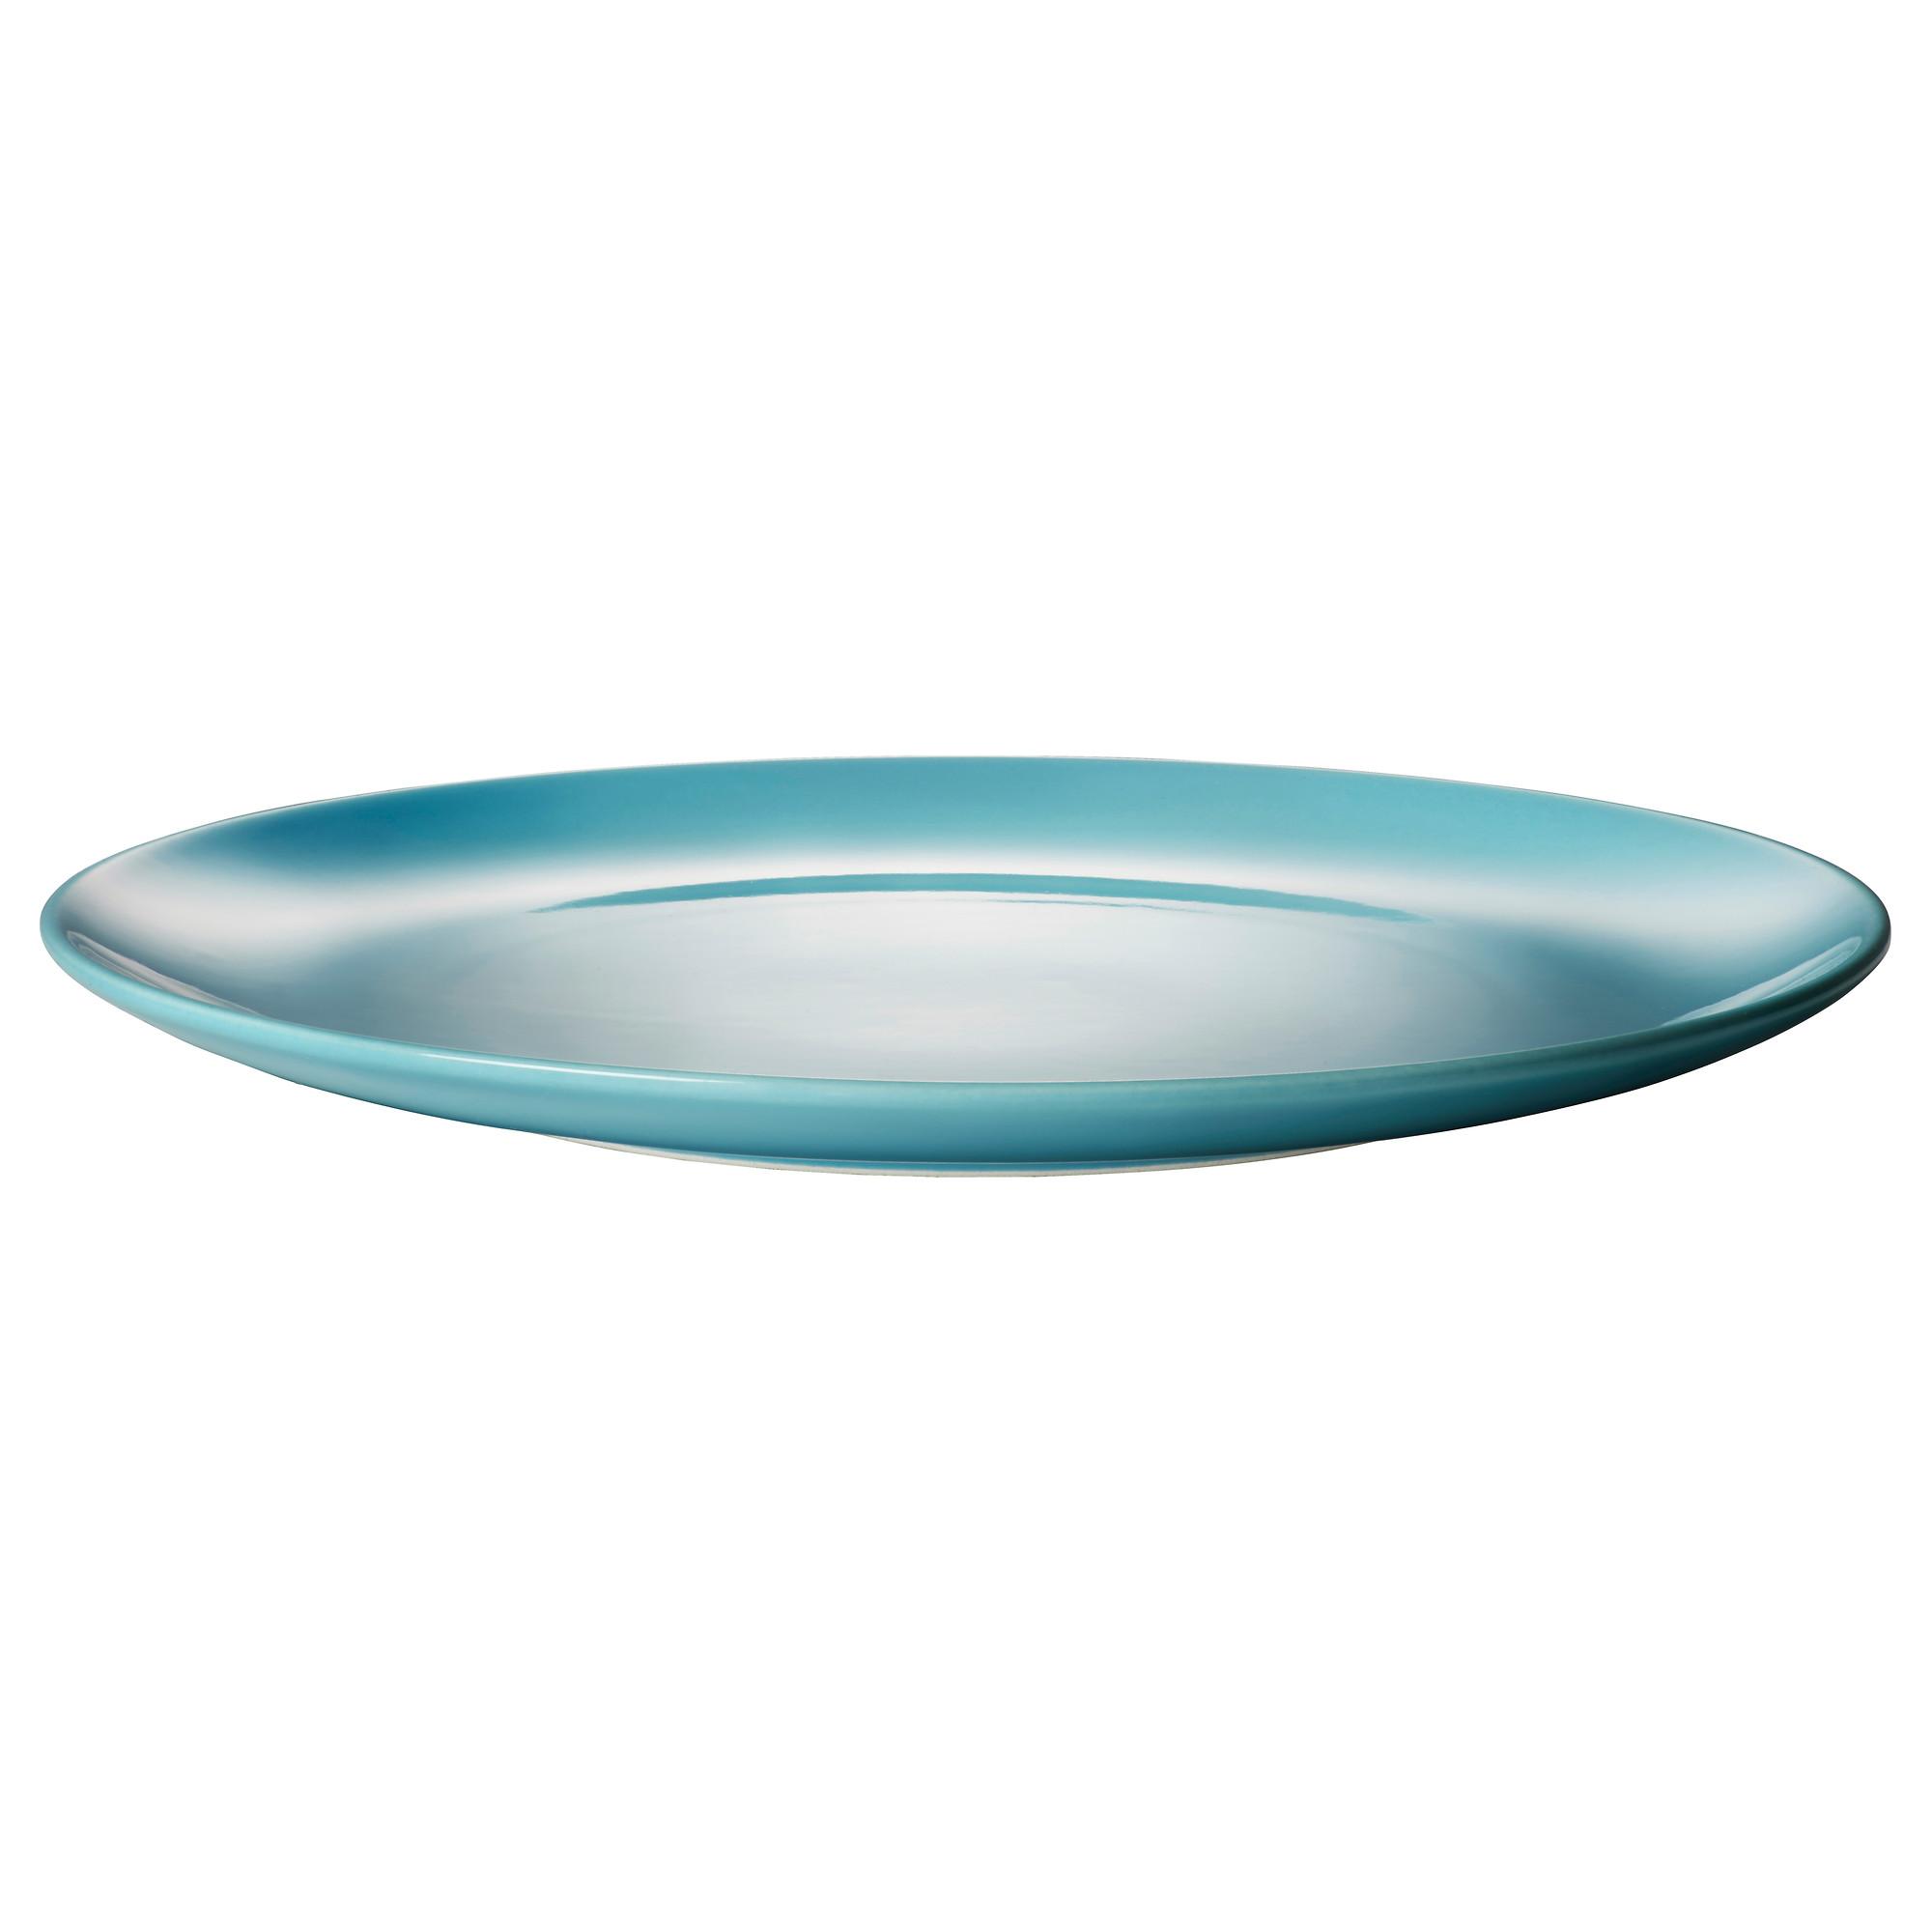 Тарелка ФЭРГРИК, фаянс, бирюзовый (27 см)